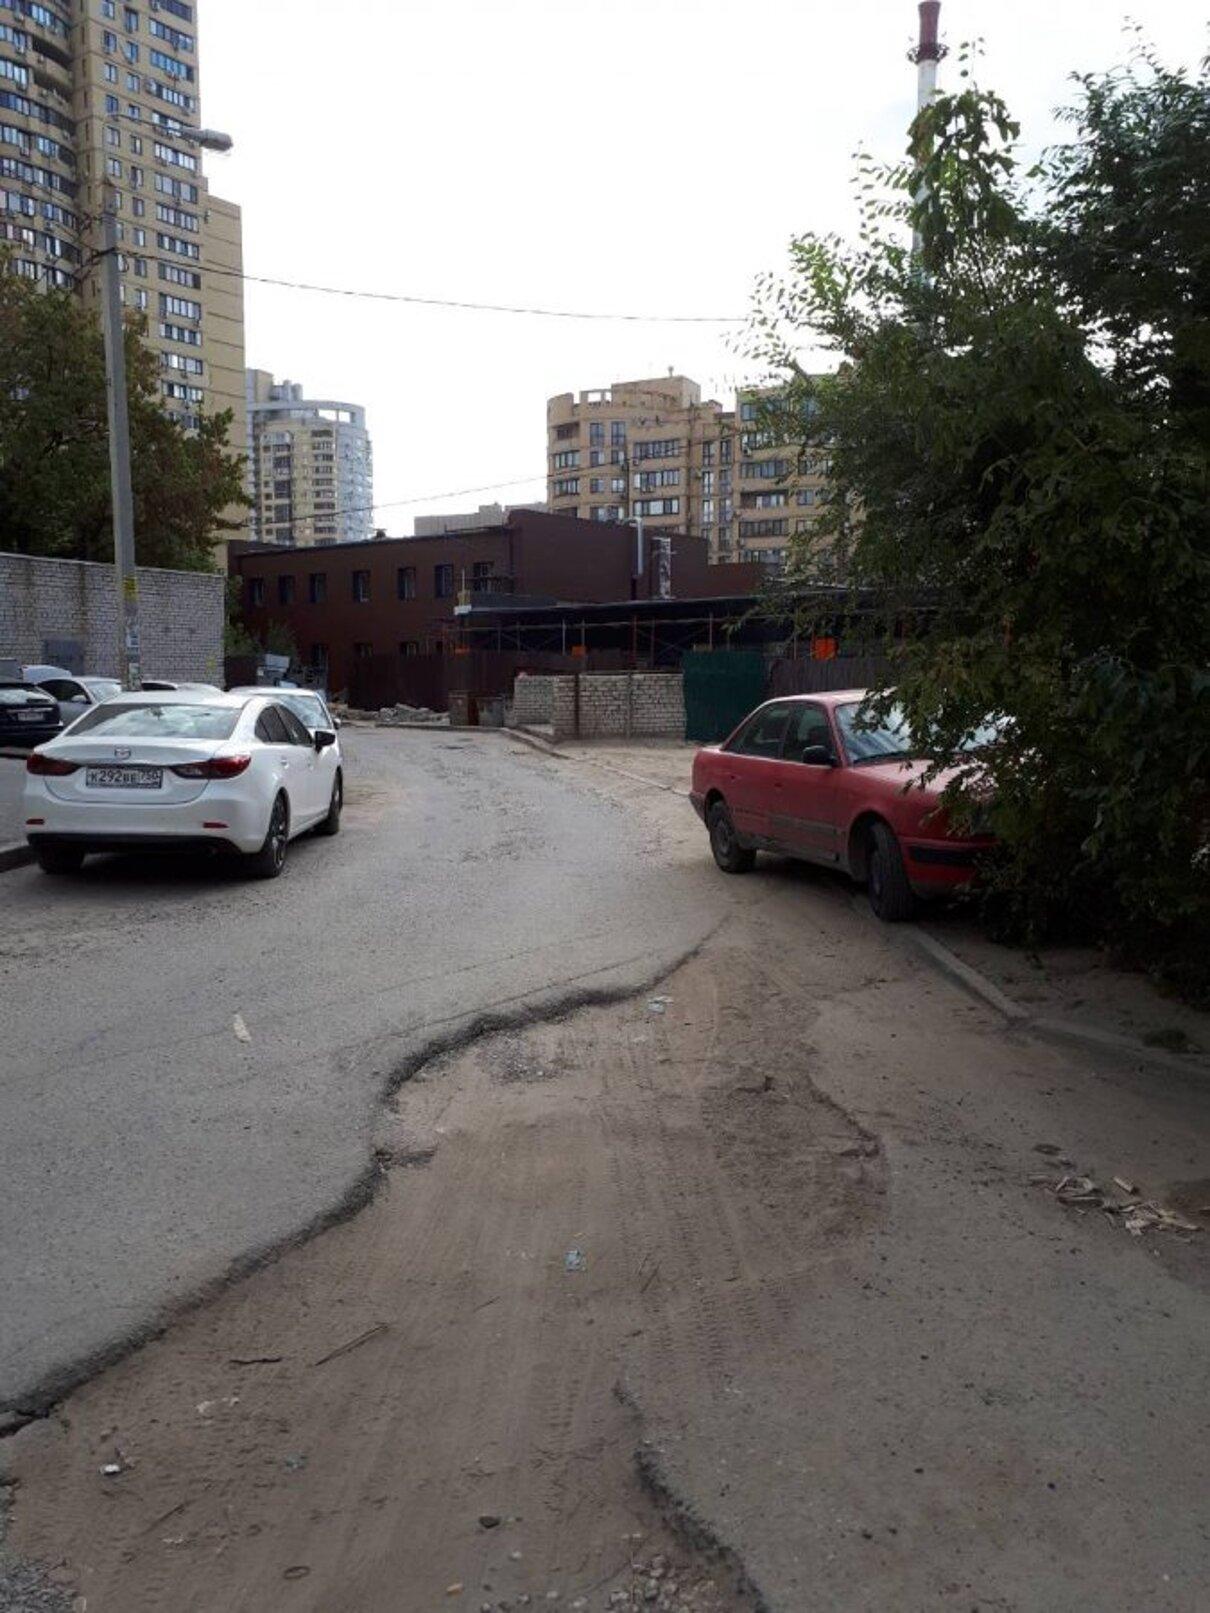 Жалоба-отзыв: УК «Жилкомсервис - Установка мусорных баков на проезжей части возле детской площадки.  Фото №5